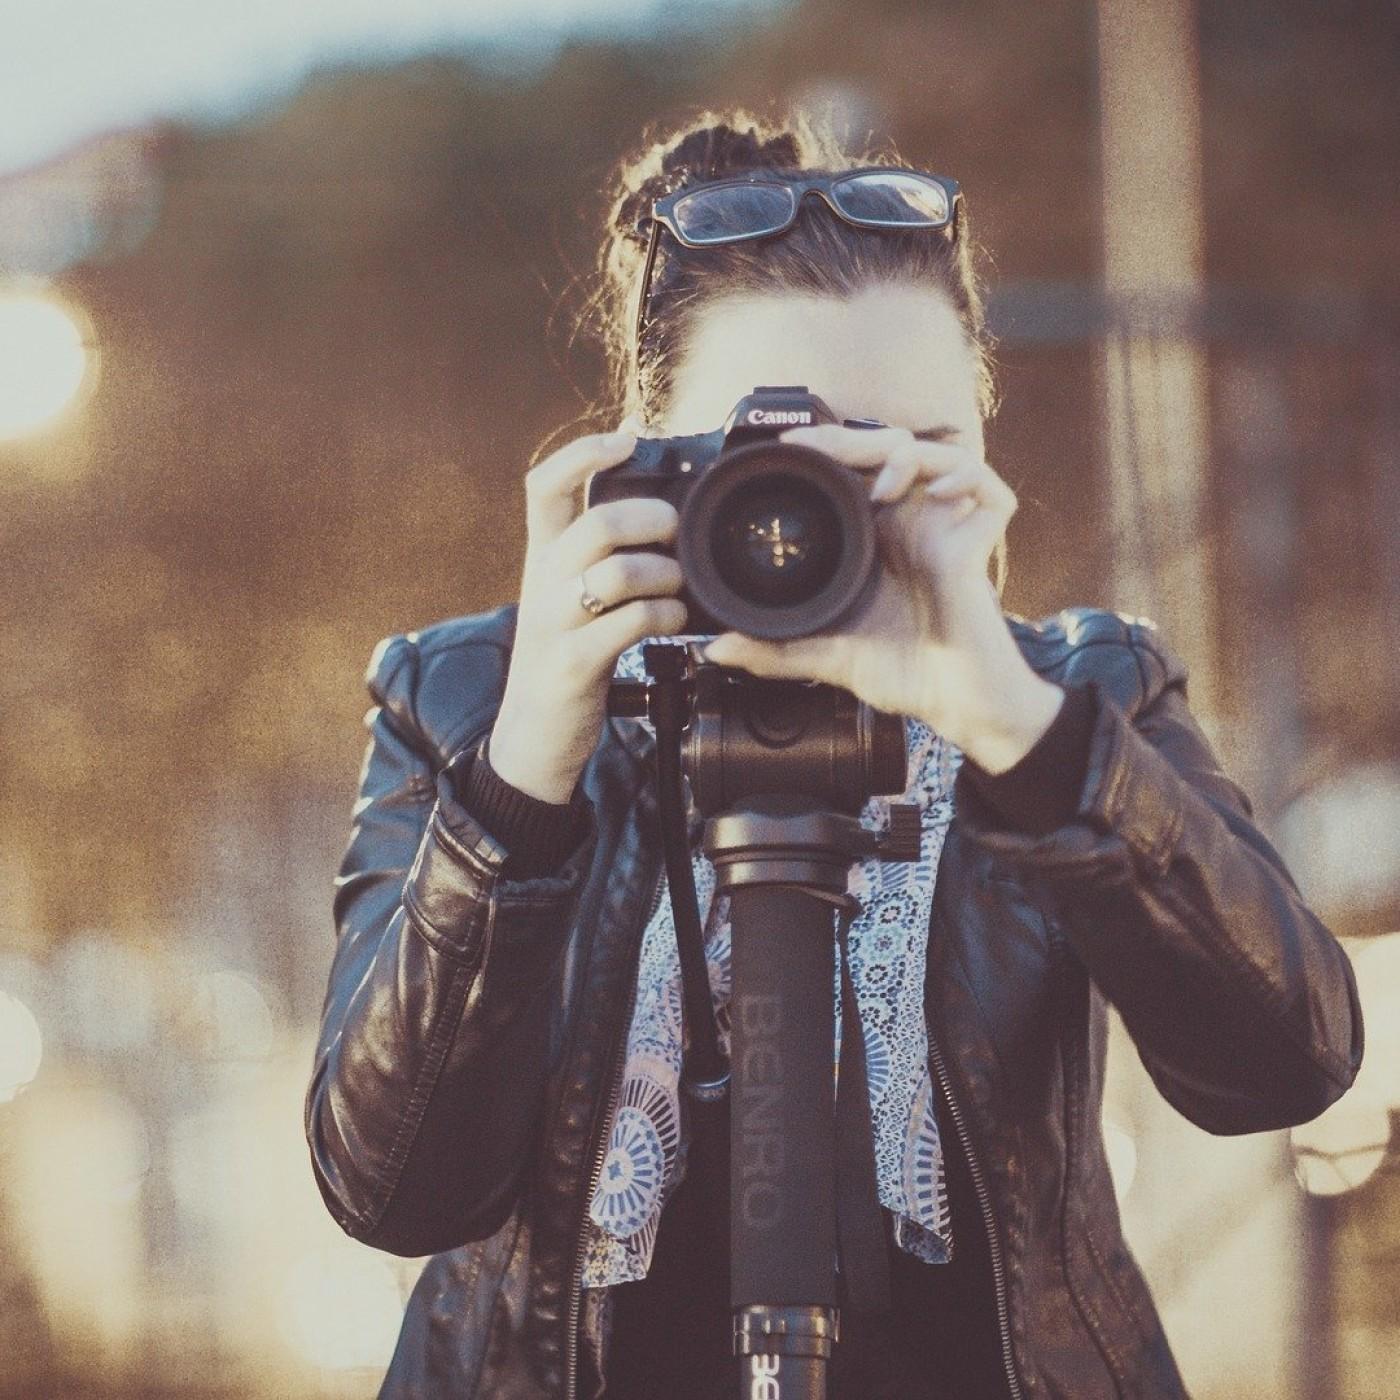 Bientôt la fin des vrais appareils photos ?